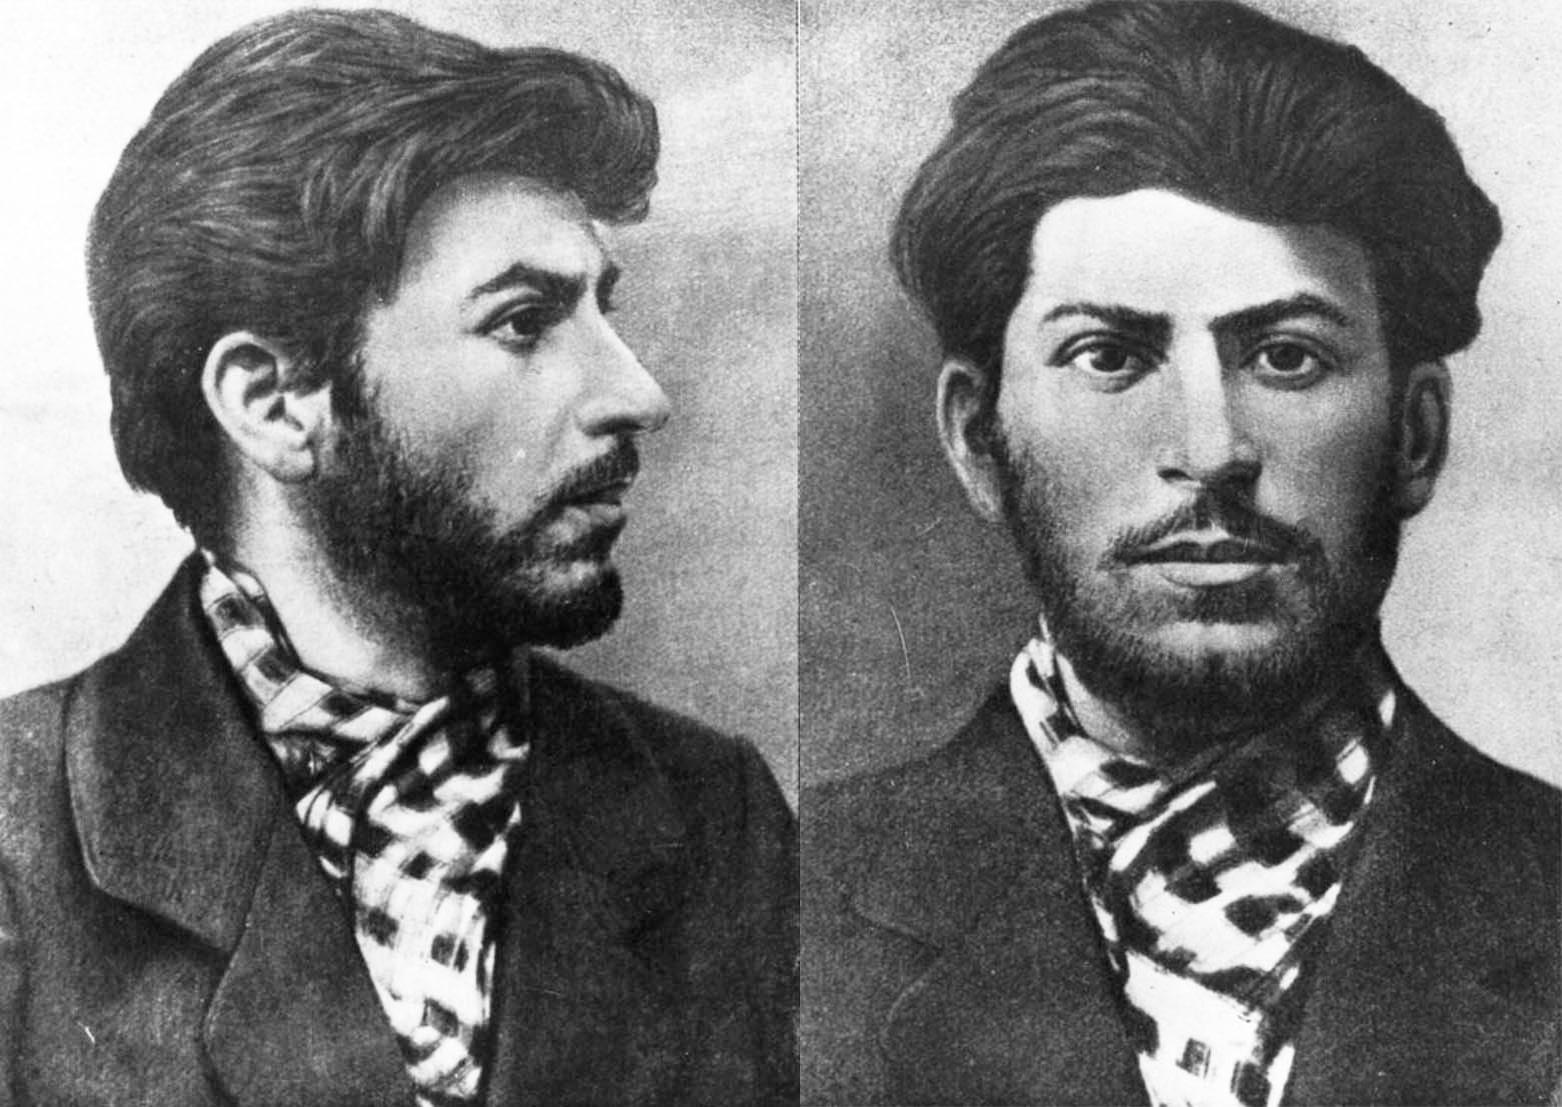 Snimki-Kobyi-iz-politseyskih-arhivov-1901-god